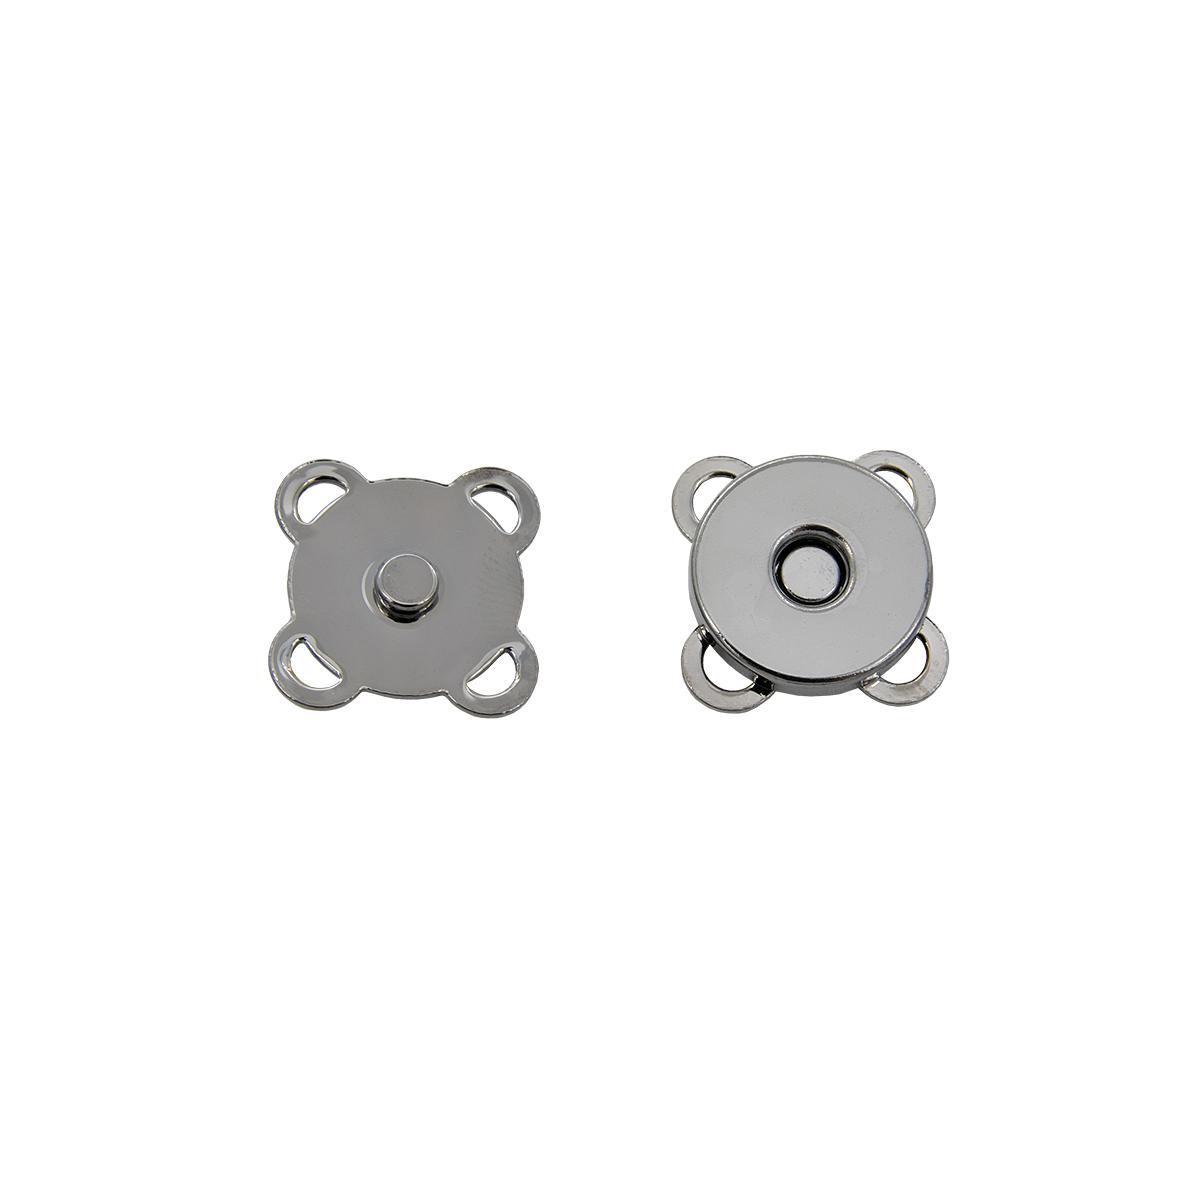 Кнопка магнитная пришивная 69021, 15 мм, черный никель, упаковка 4 шт., Hobby&Pro